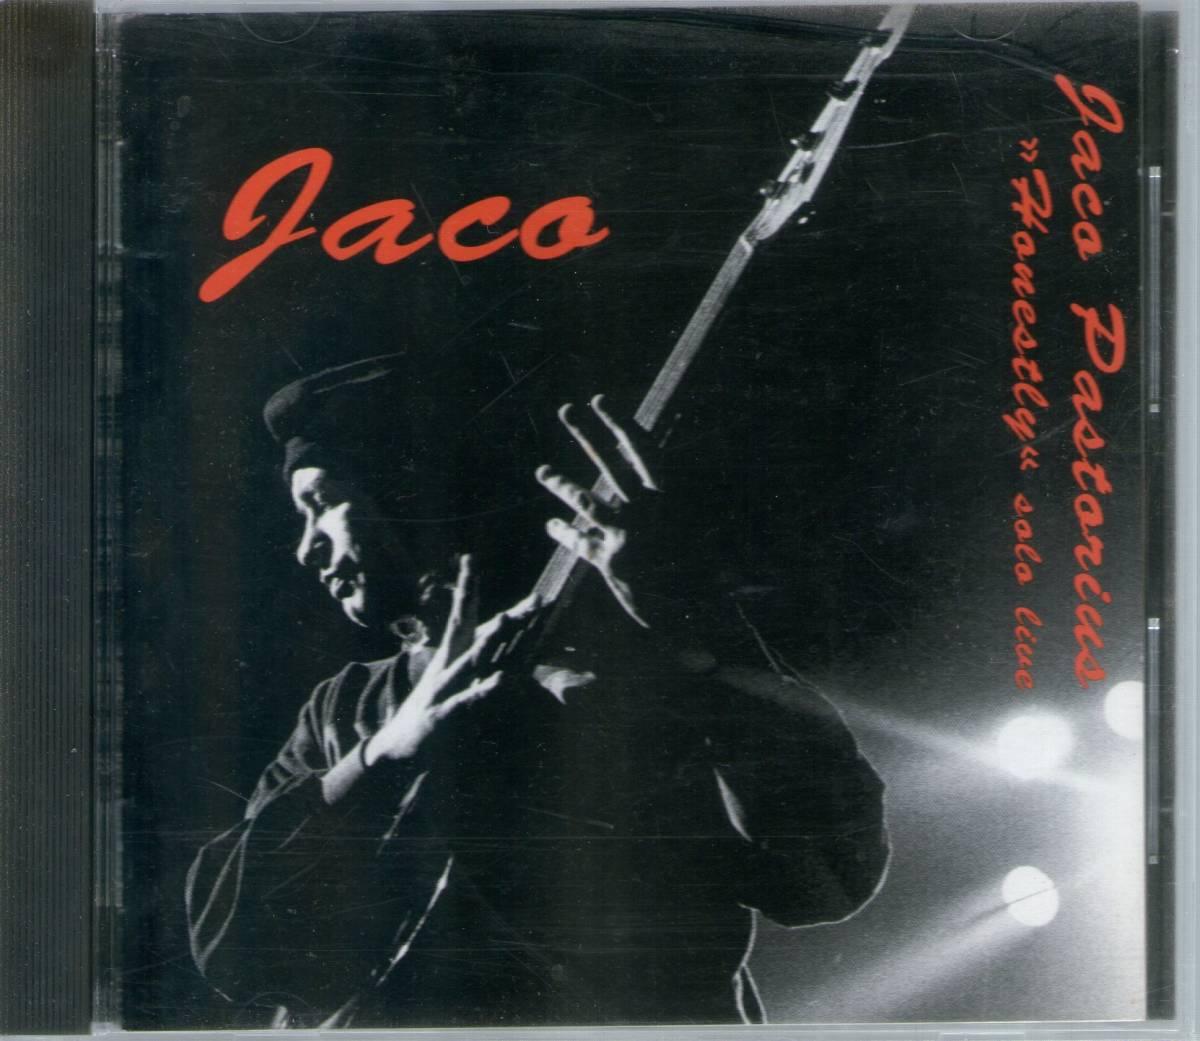 """ジャコ・パストリアス・ソロ・ライヴ「オネストリー」Jaco Solo Live """"Honestly""""日本盤"""